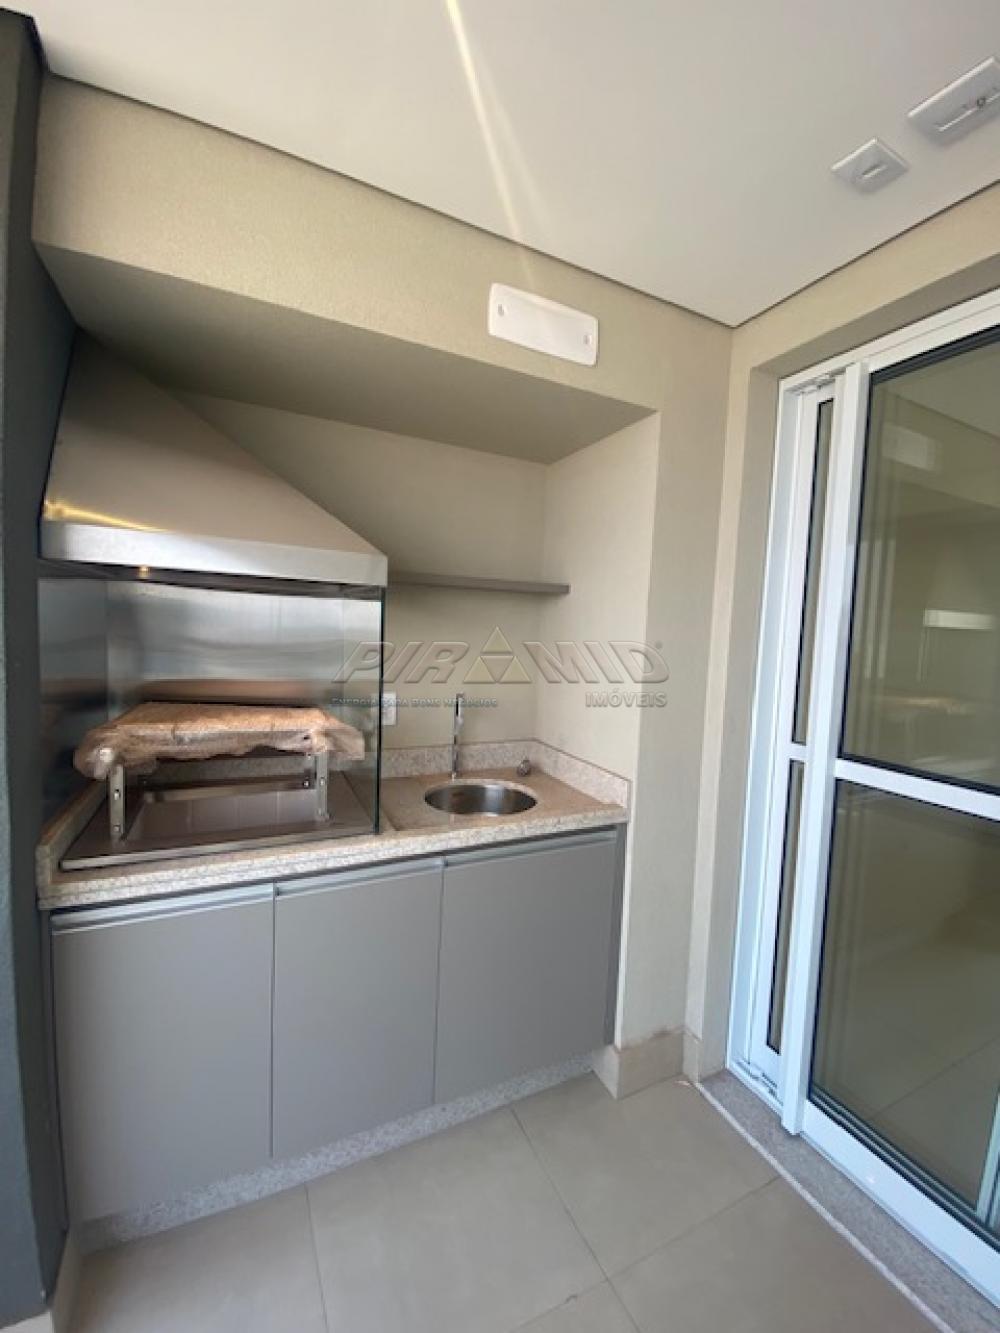 Alugar Apartamento / Padrão em Ribeirão Preto R$ 2.990,00 - Foto 7